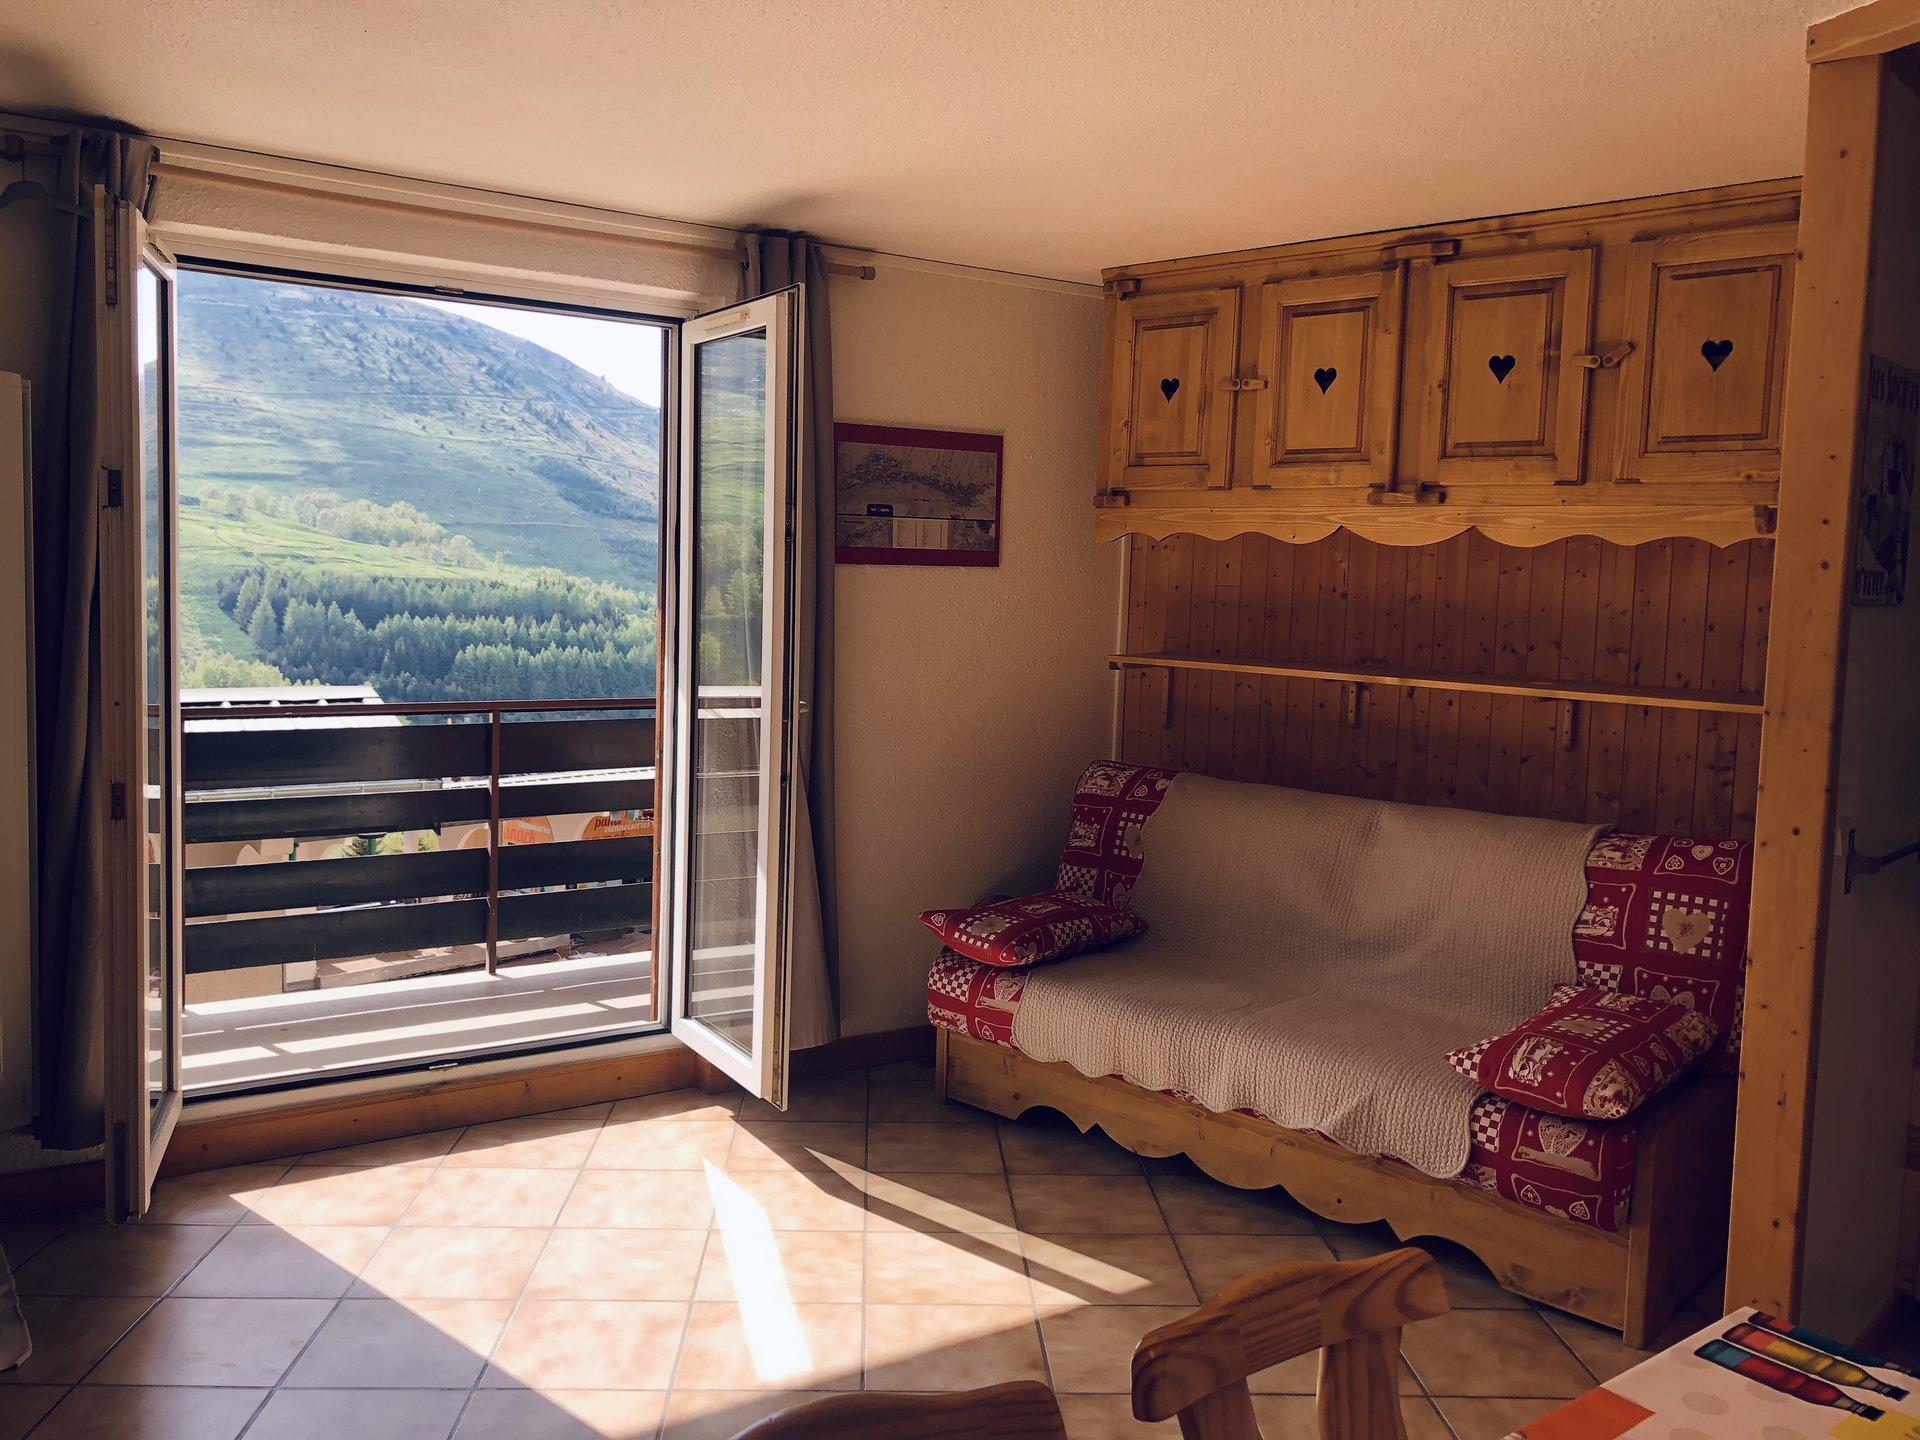 Appartement T2 Secteur village 1800